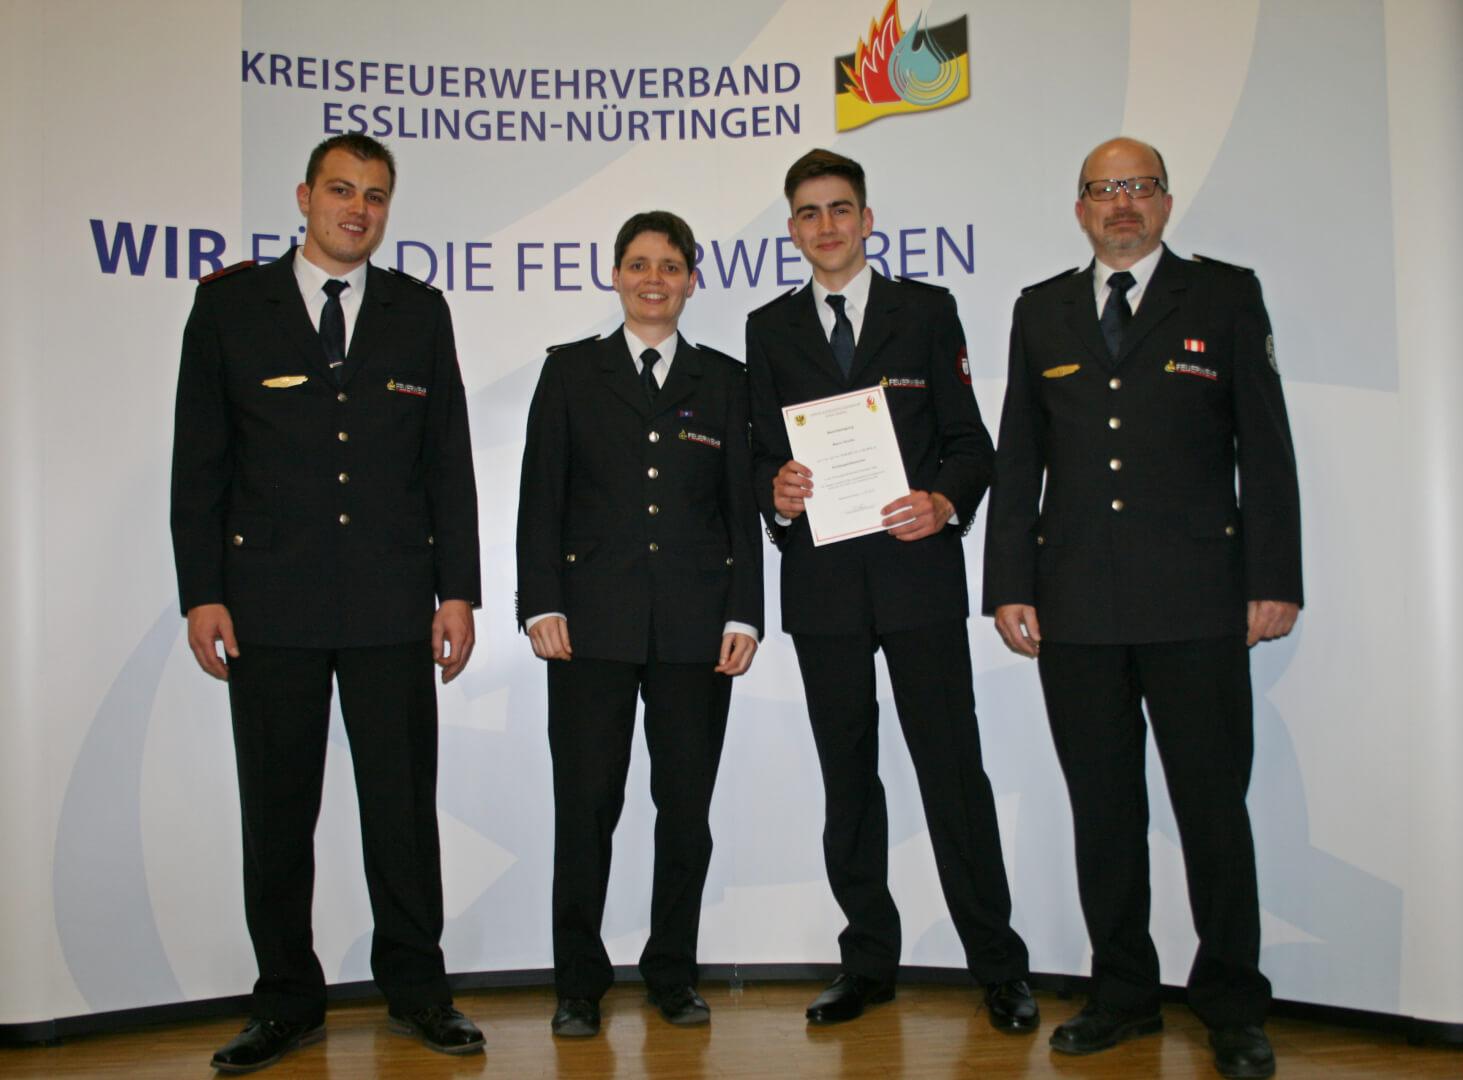 Marco Schüle (2.v.r.) wurde von Daniela Lohrmann (2.v.l.) aus dem Amt des Kreisjugendsprechers verabschiedet.